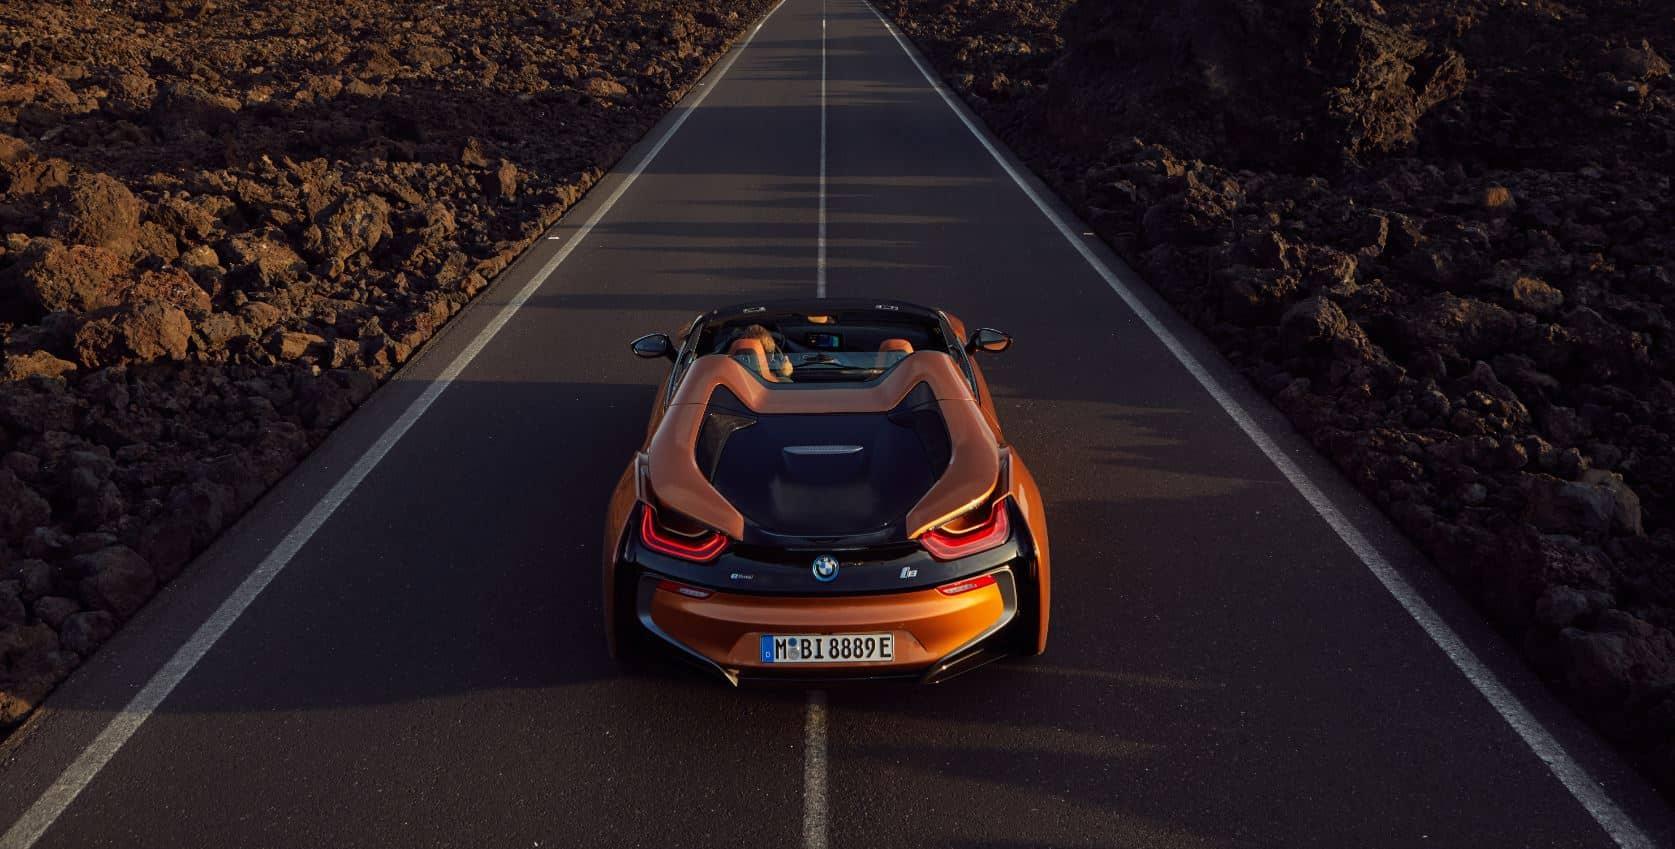 ¡Oficial! Así es el BMW i8 Roadster: Fibra de carbono, aluminio y electricidad a cielo abierto